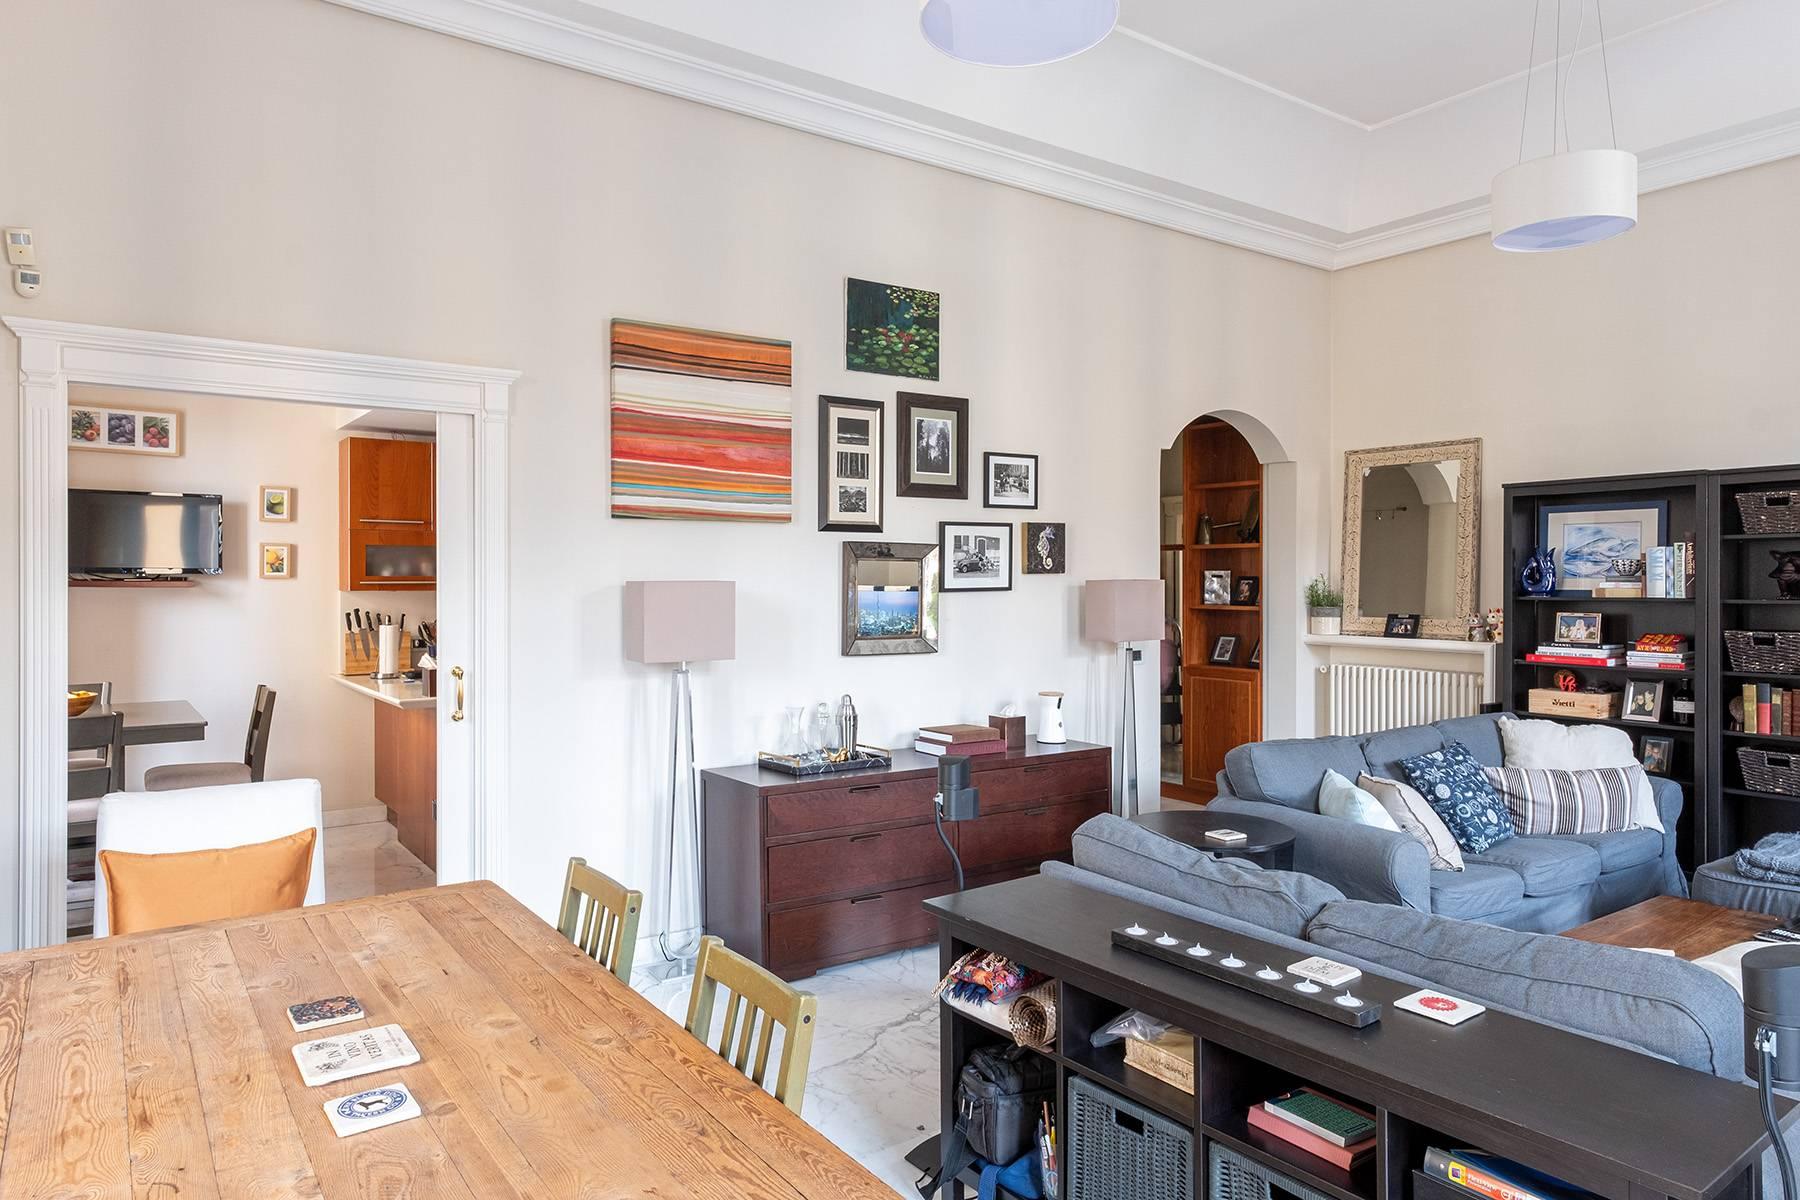 Appartamento in Vendita a Napoli: 5 locali, 120 mq - Foto 5